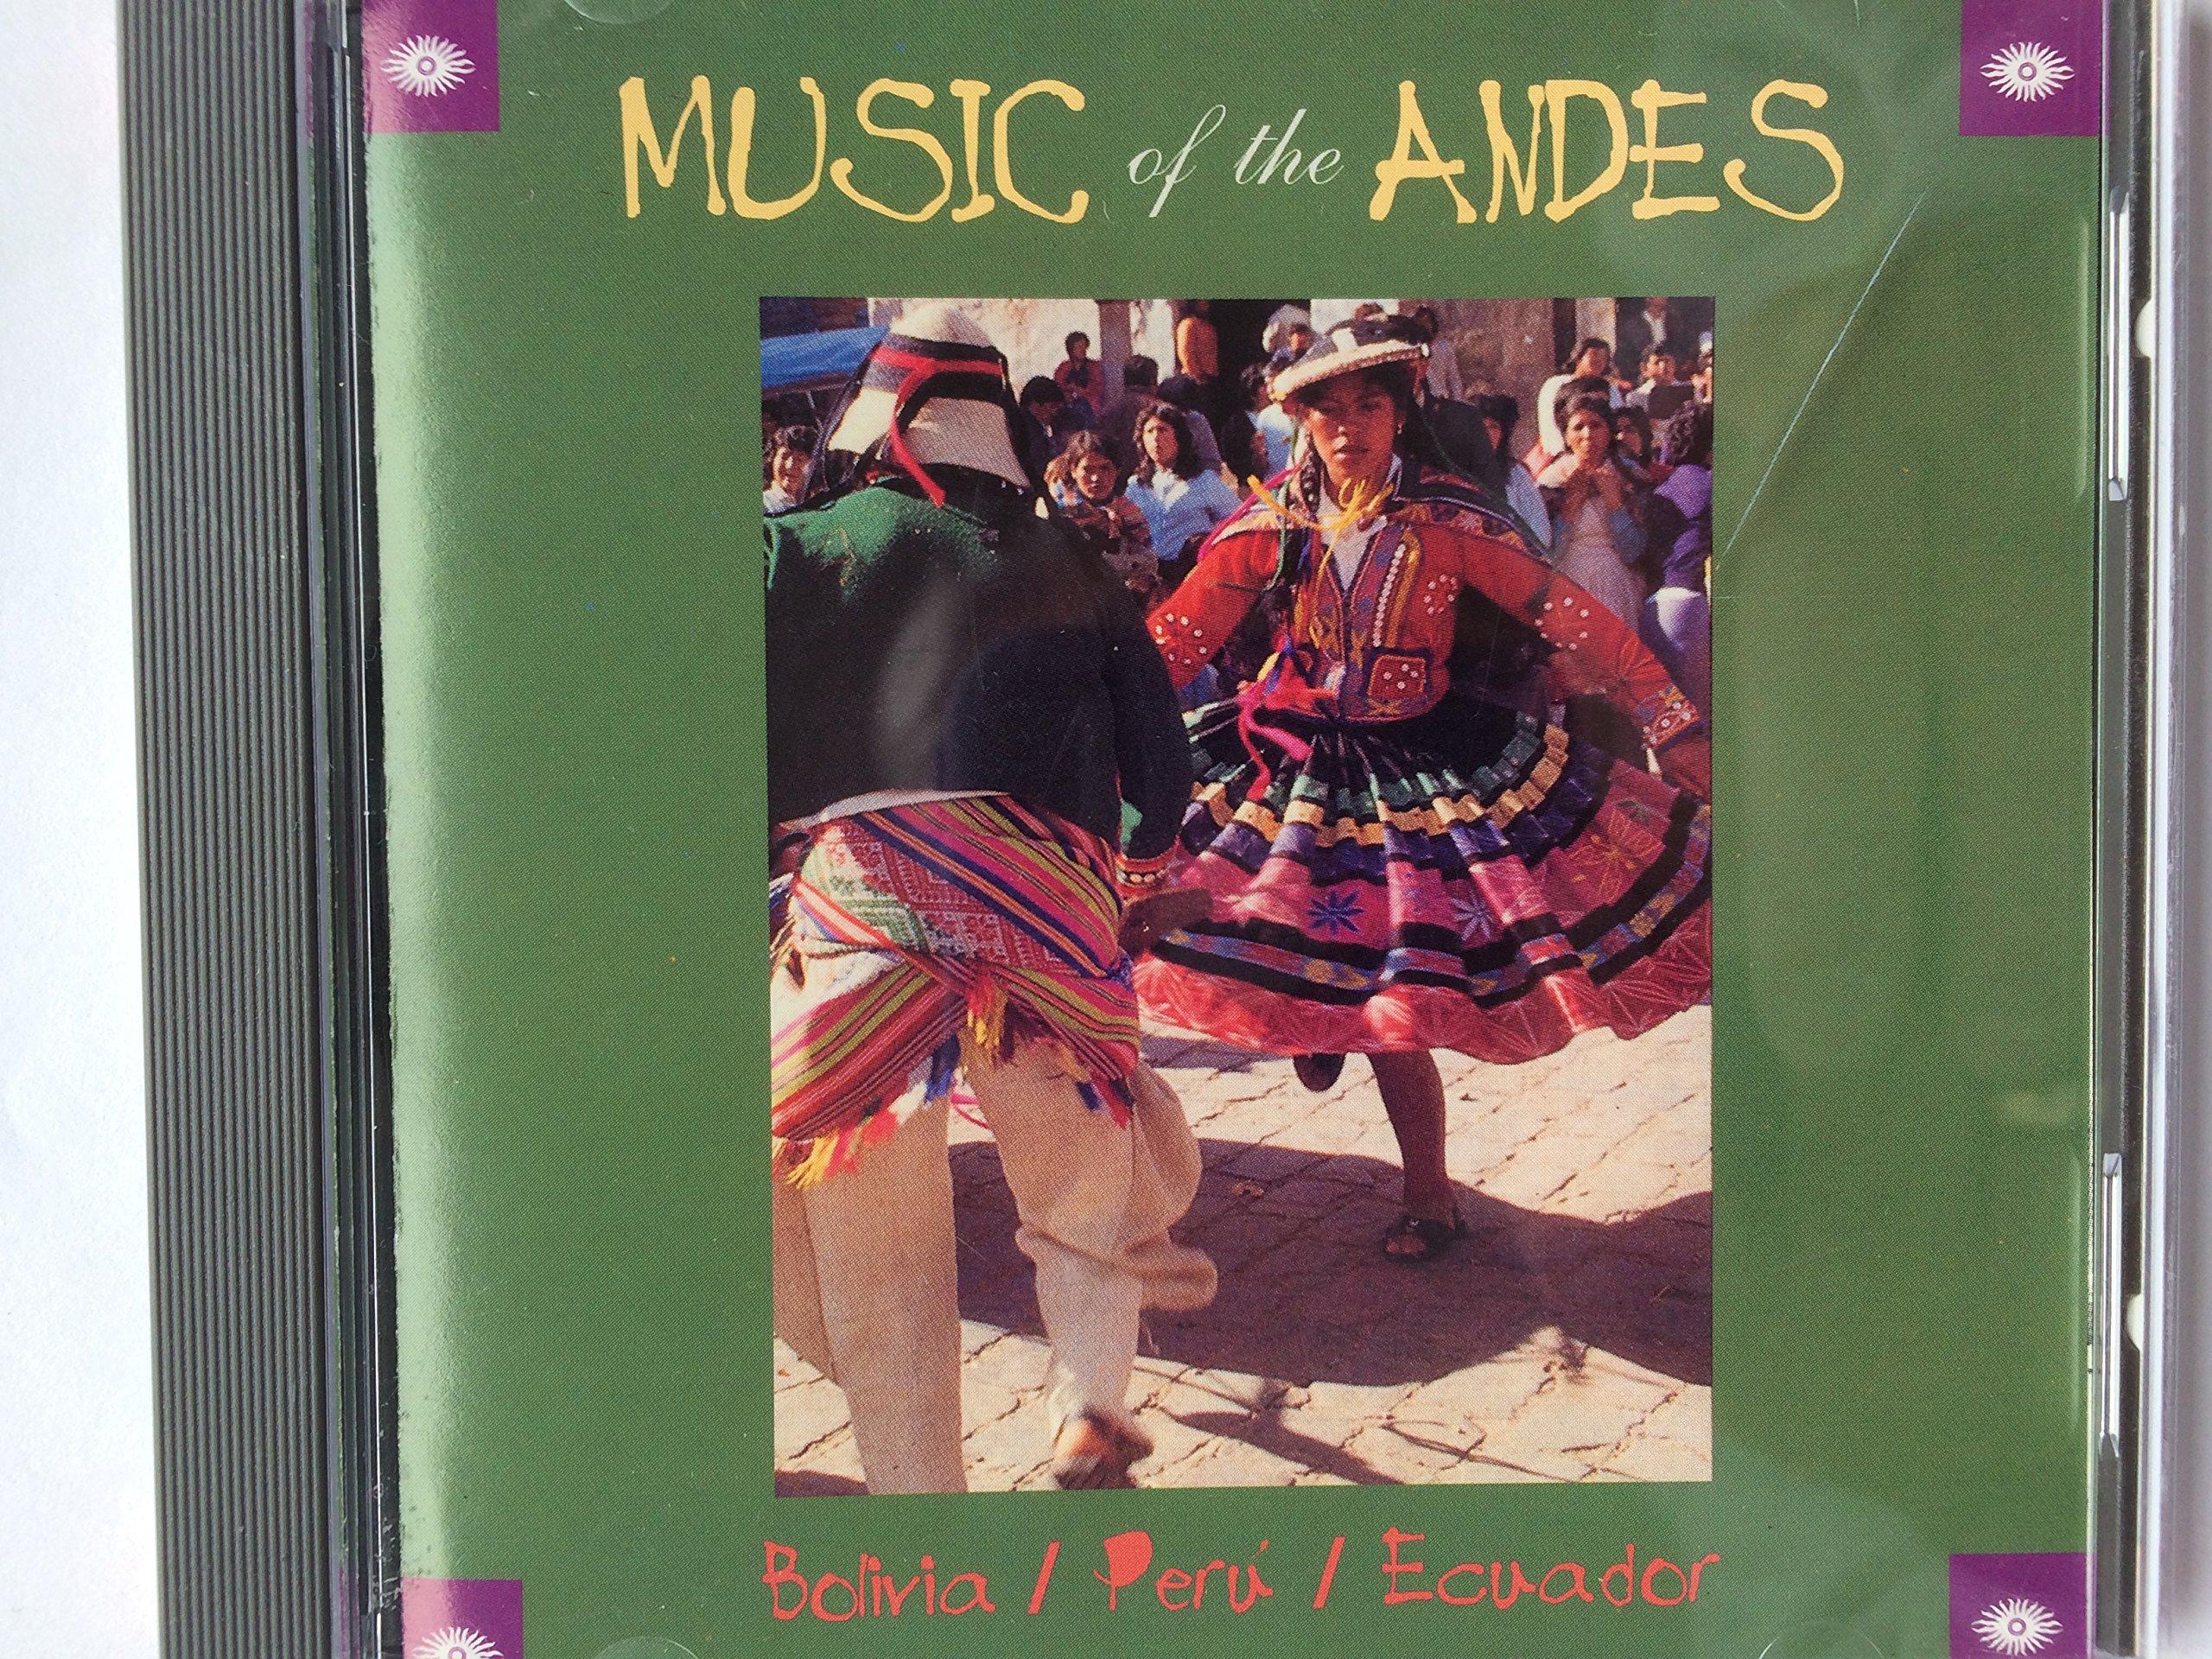 Music Of The Andes: Bolivia / Peru / Ecuador by Urena Sound